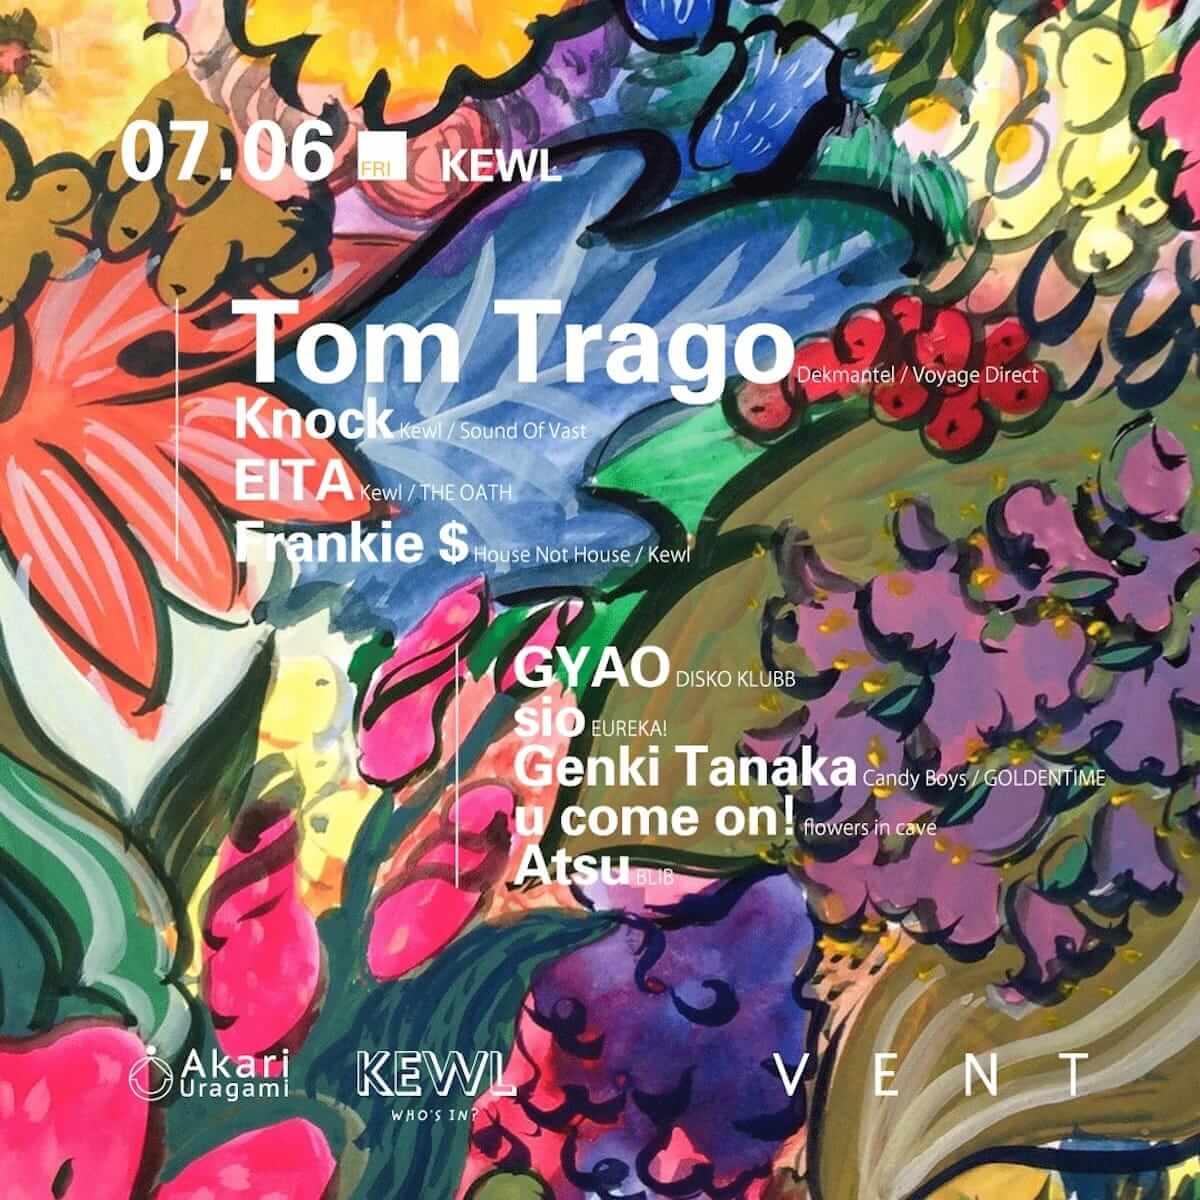 東京屈指のパーティー「KEWL」に世界を虜にするTom Tragoが4年半ぶりの来日 music180606_tom-trago-2-1200x1200